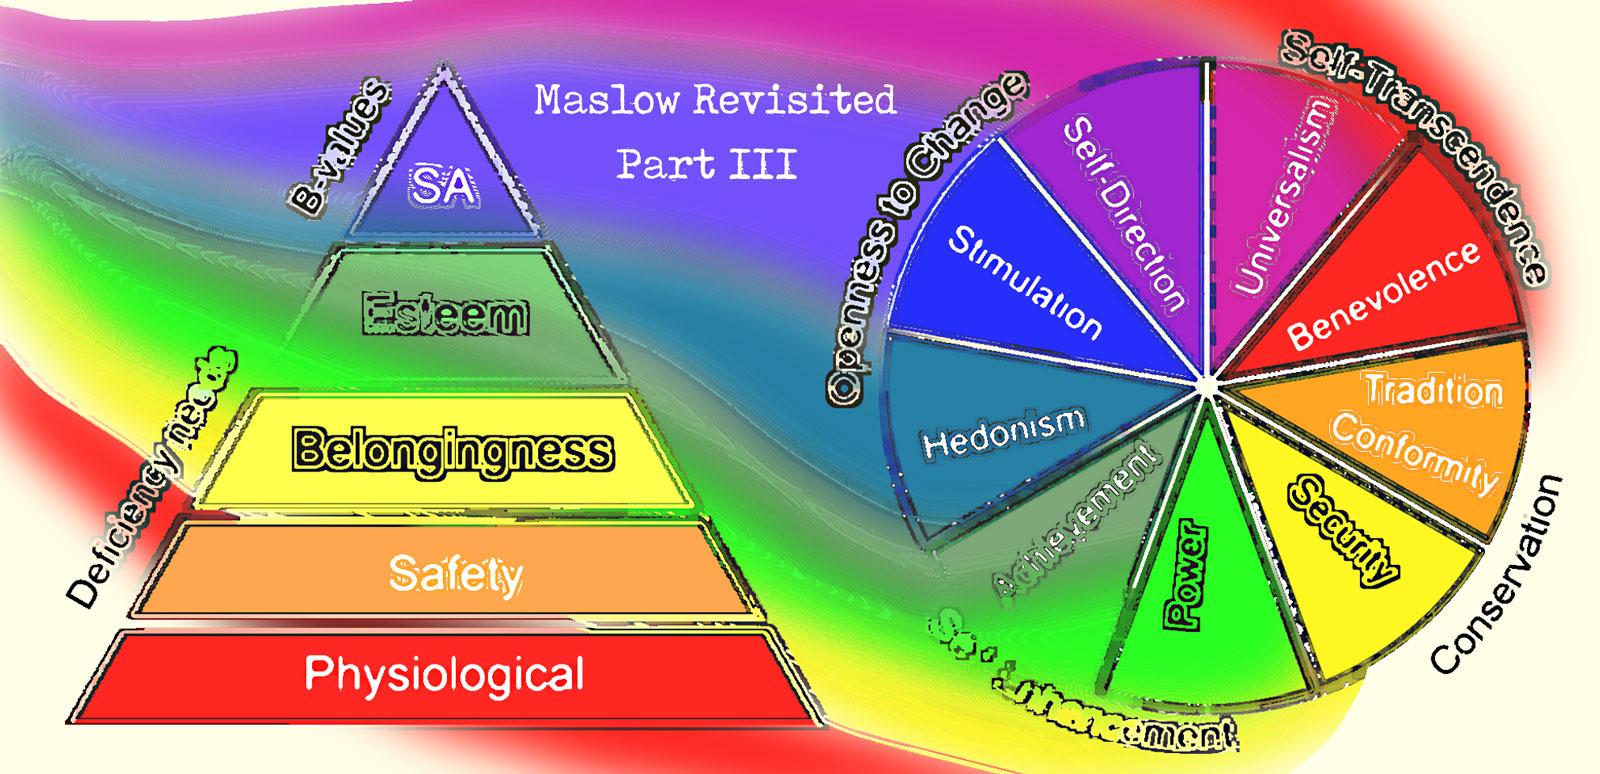 Maslow Schwartz